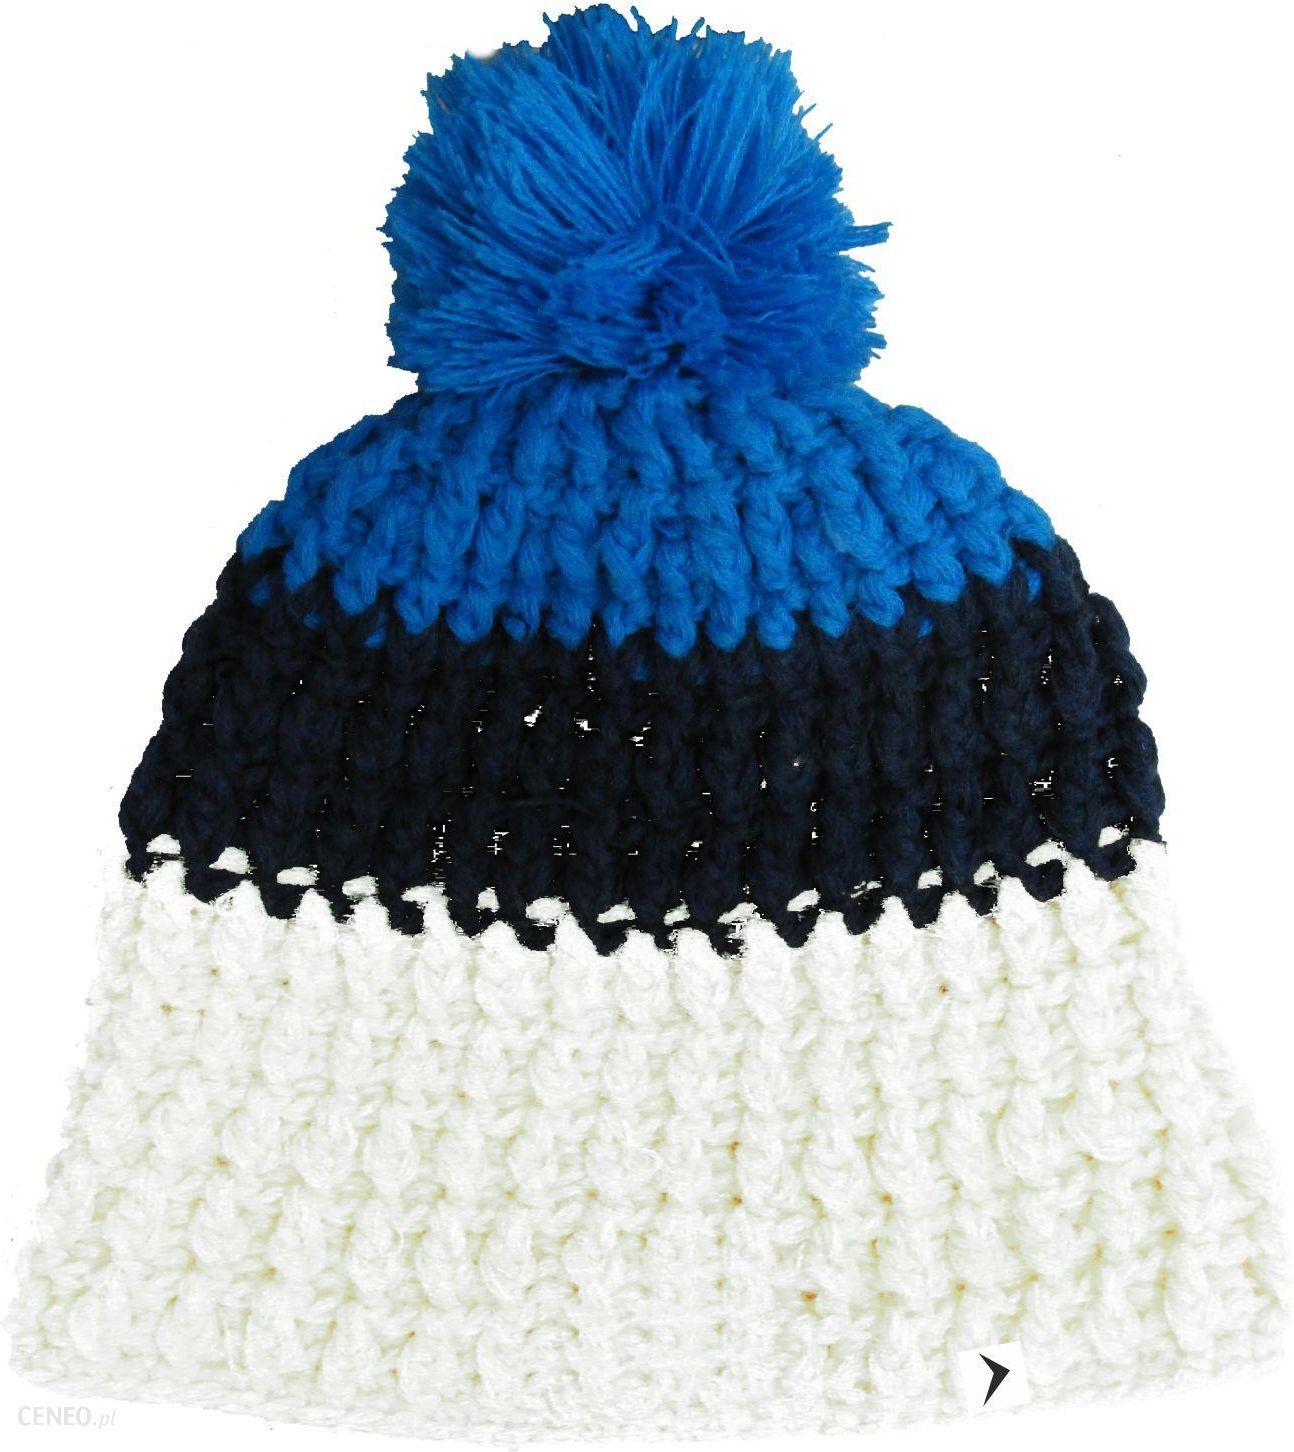 Outhorn czapka CAM601 niebieski SM, BEZPŁATNY ODBIÓR: WARSZAWA, WROCŁAW, KATOWICE, KRAKÓW!